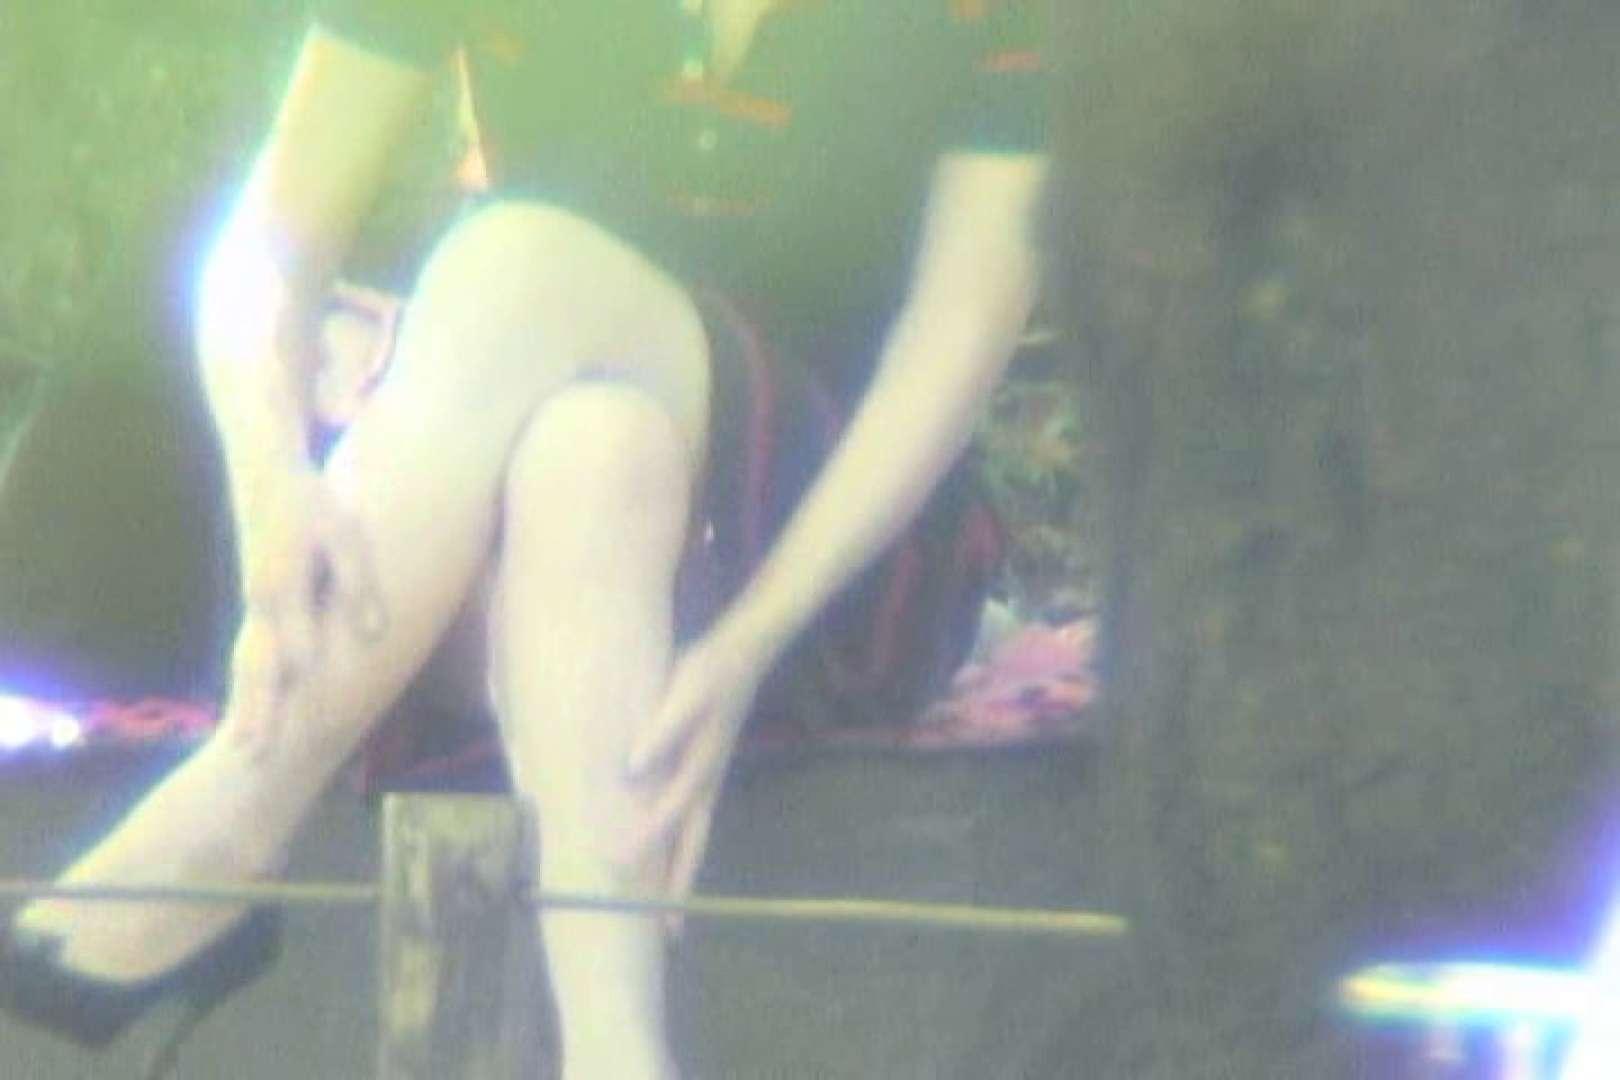 超最新版!春夏秋冬 vol.04 新入生パンチラ 隠し撮りオマンコ動画紹介 97pic 26